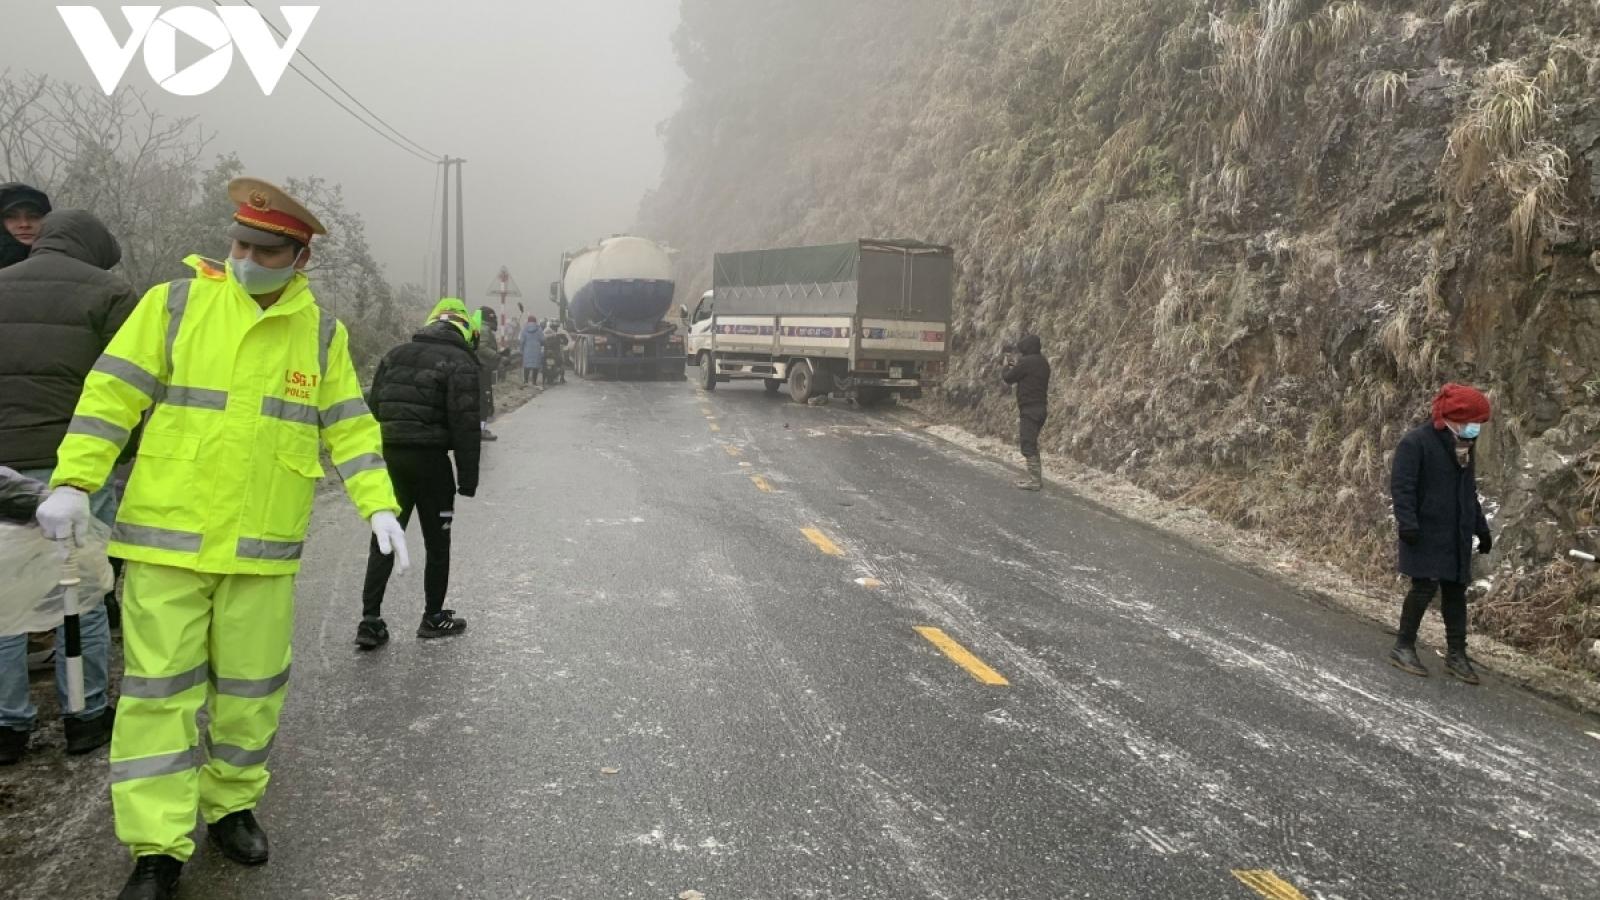 Khuyến cáo hạn chế lưu thông trên đường trơn trượt do băng tuyết